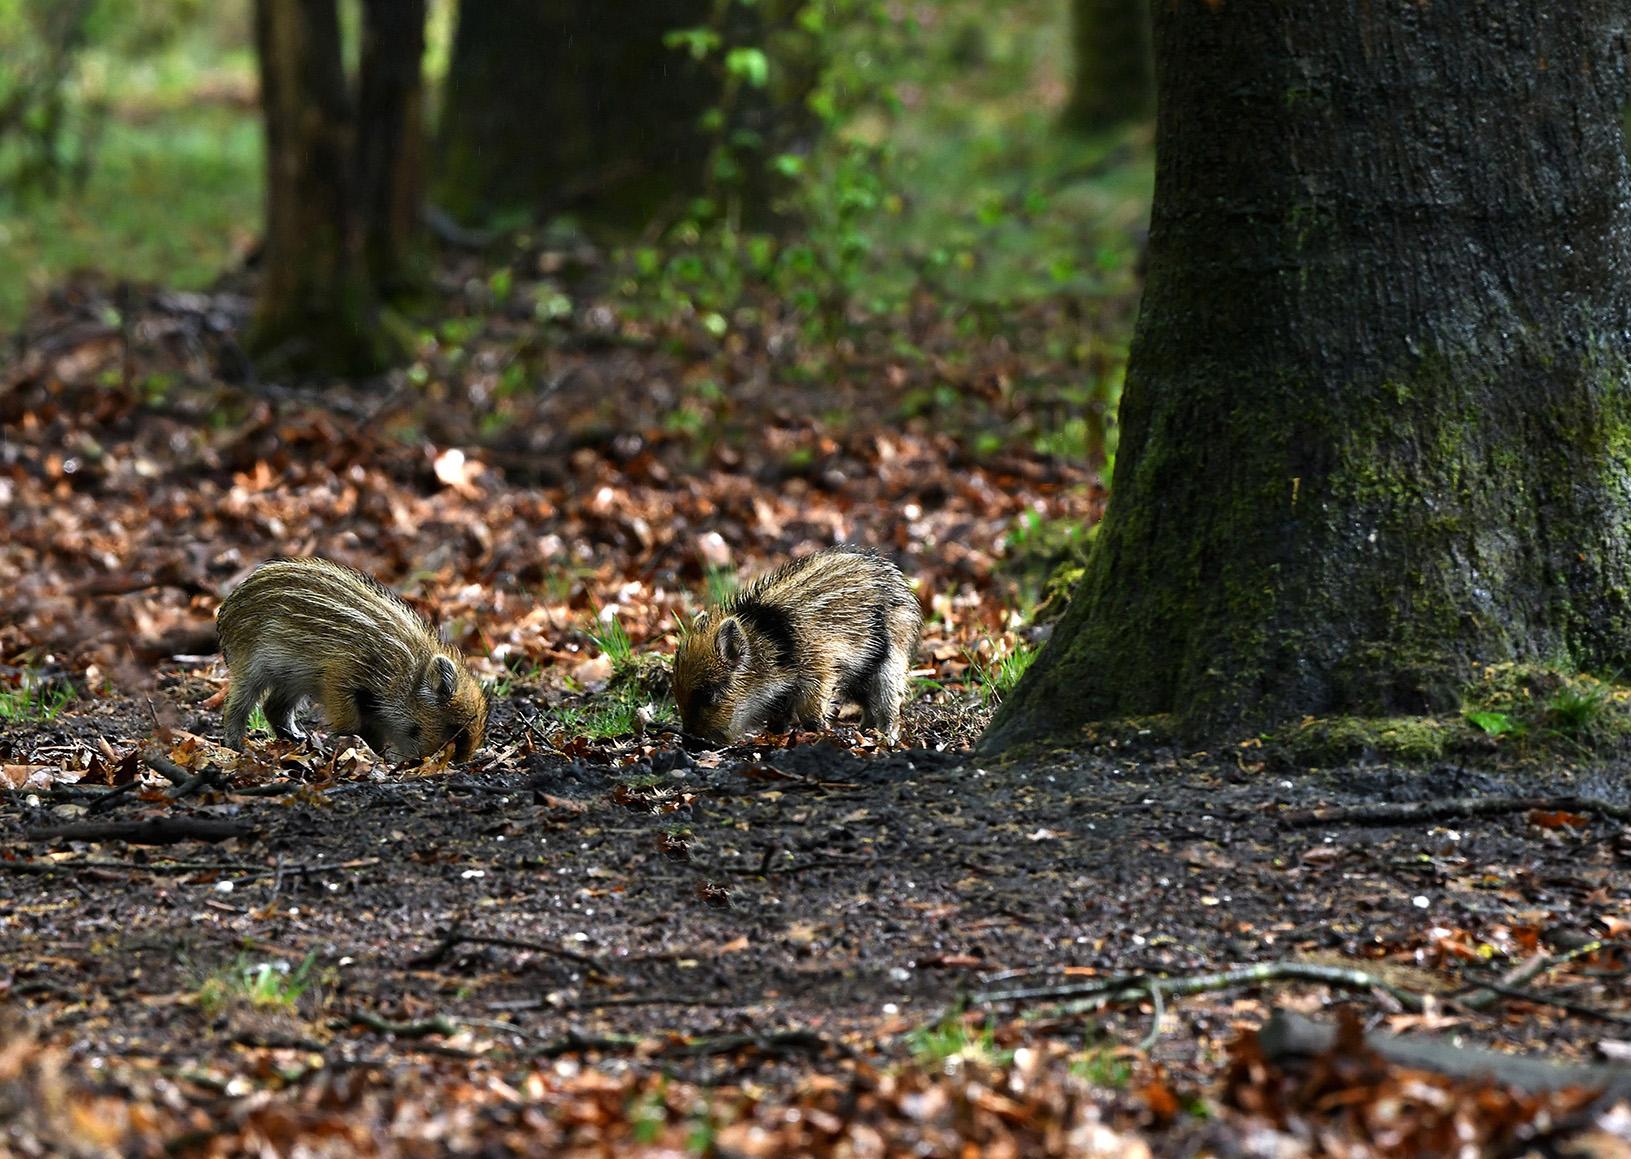 Twee biggen aan het wroeten met rechts het dwars gestreepte biggetje - Foto: © Louis Fraanje